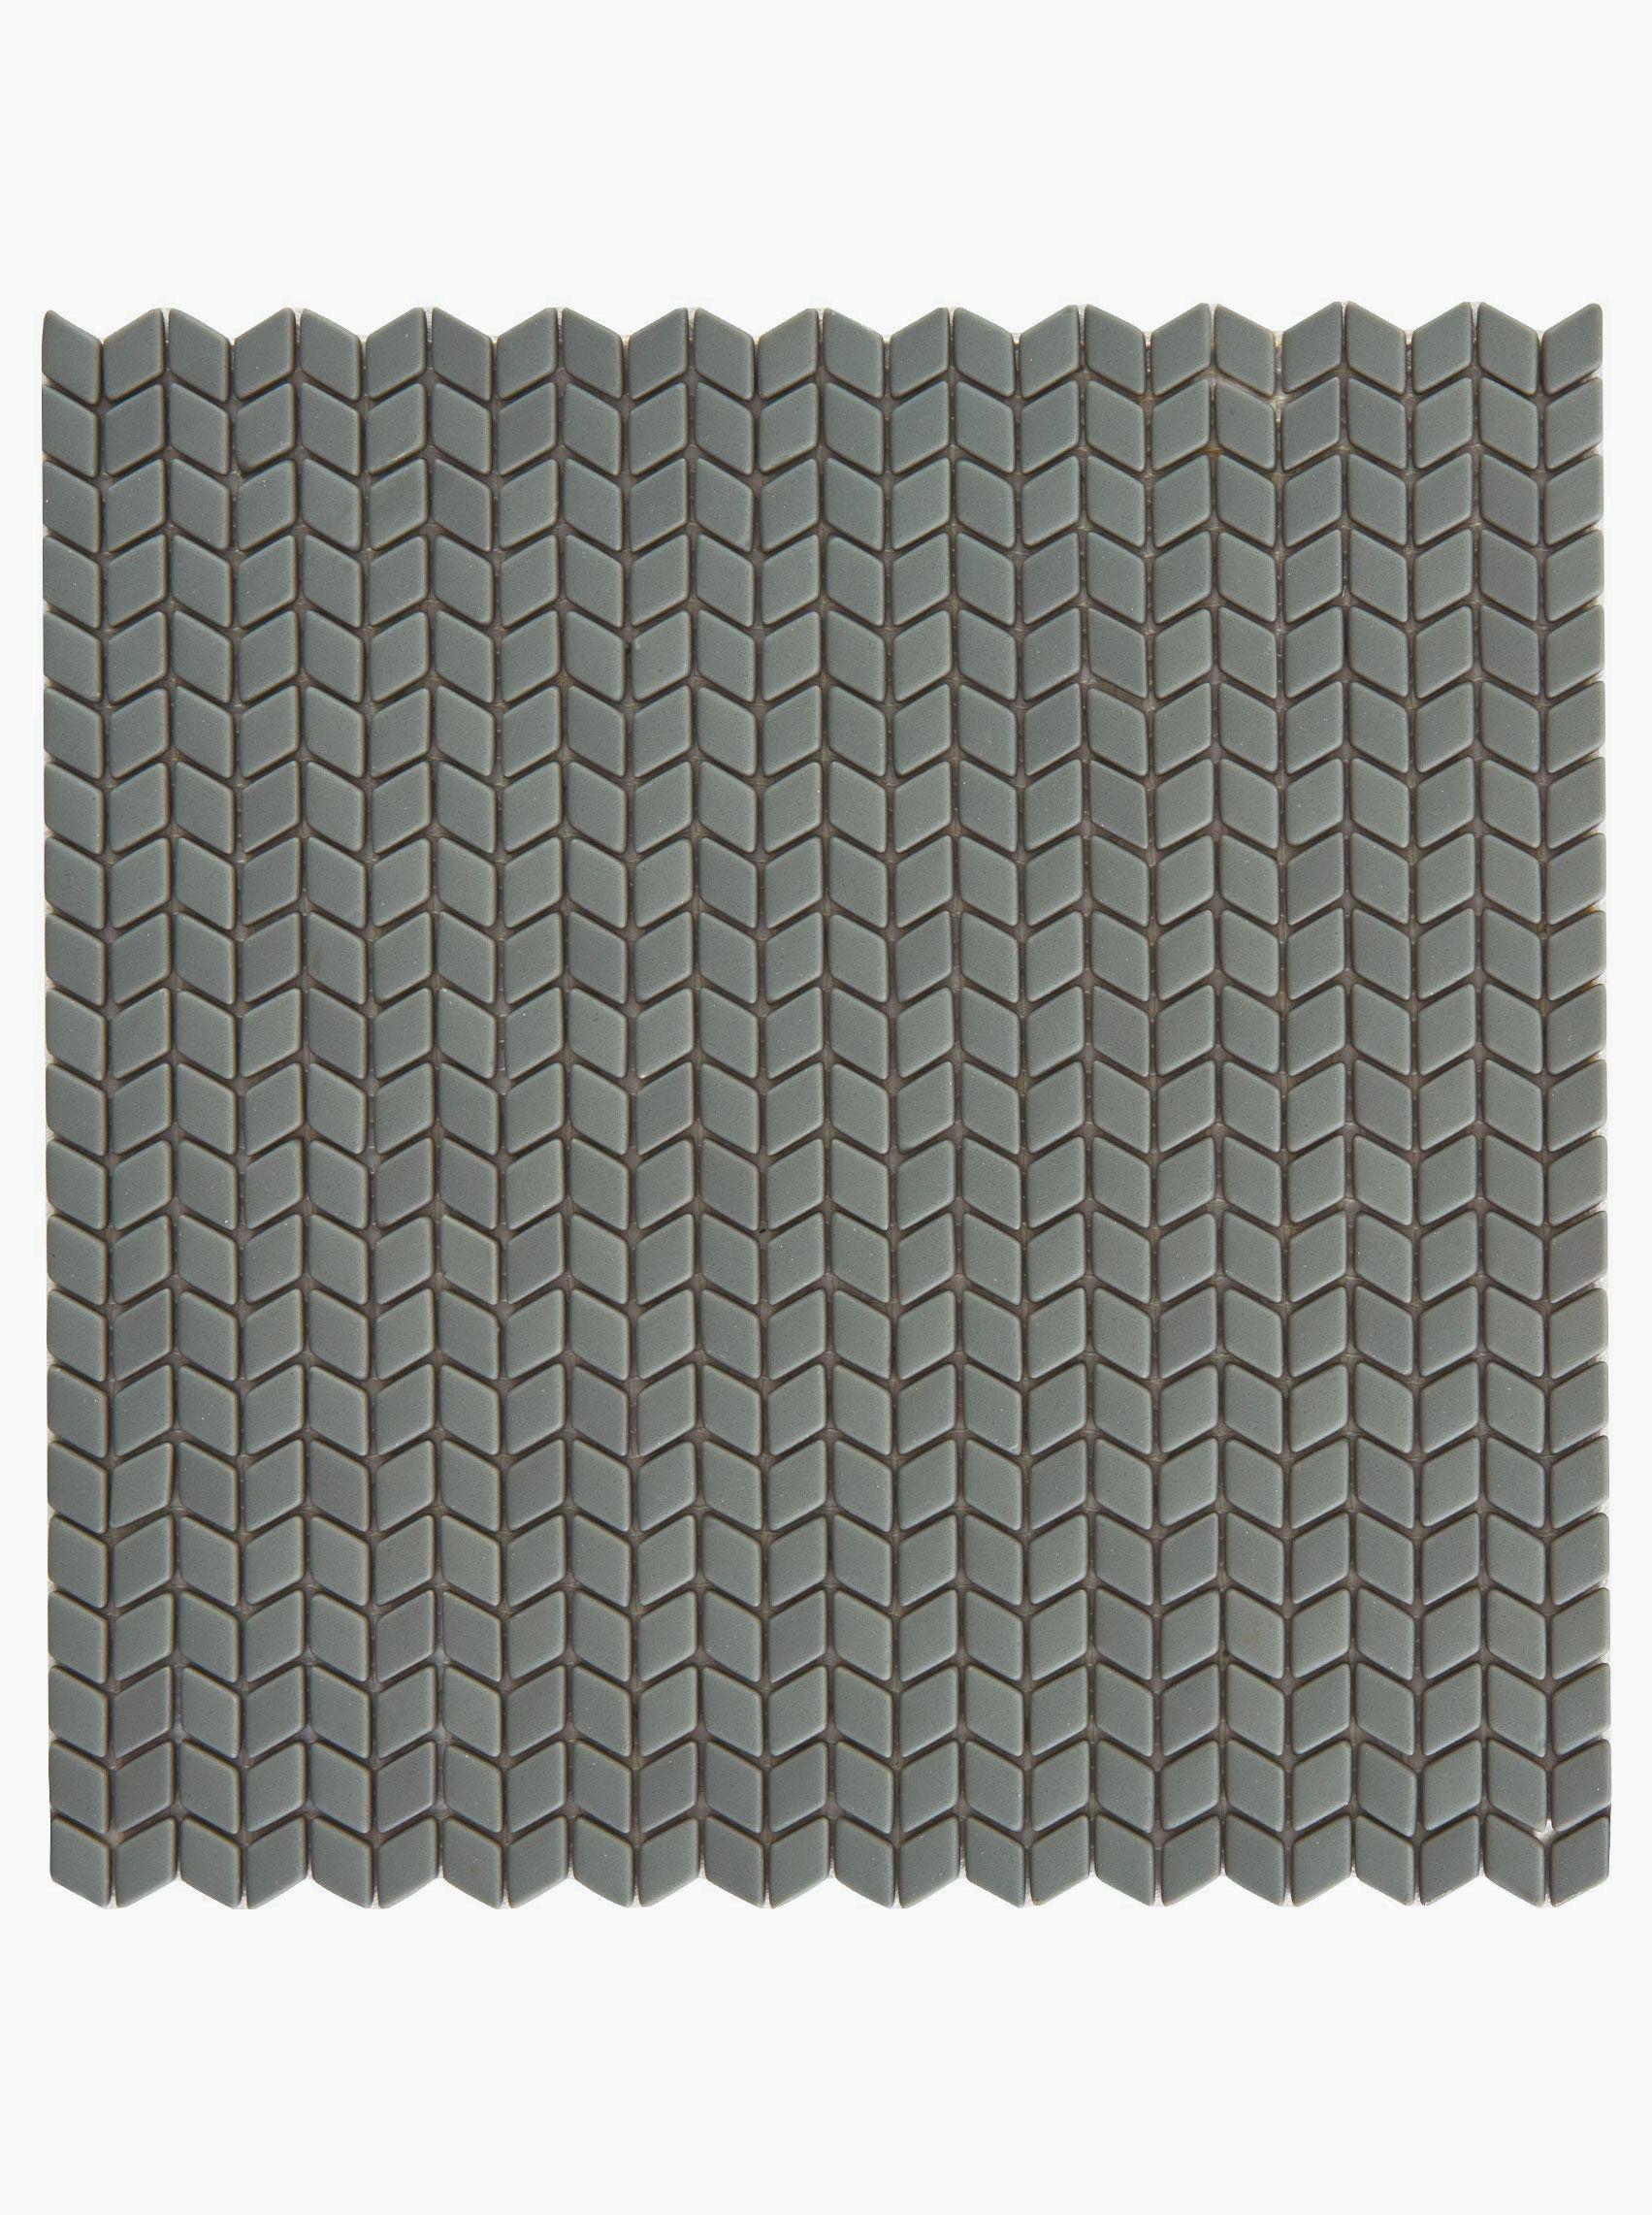 Confiserie Fogg Chevron Mosaic